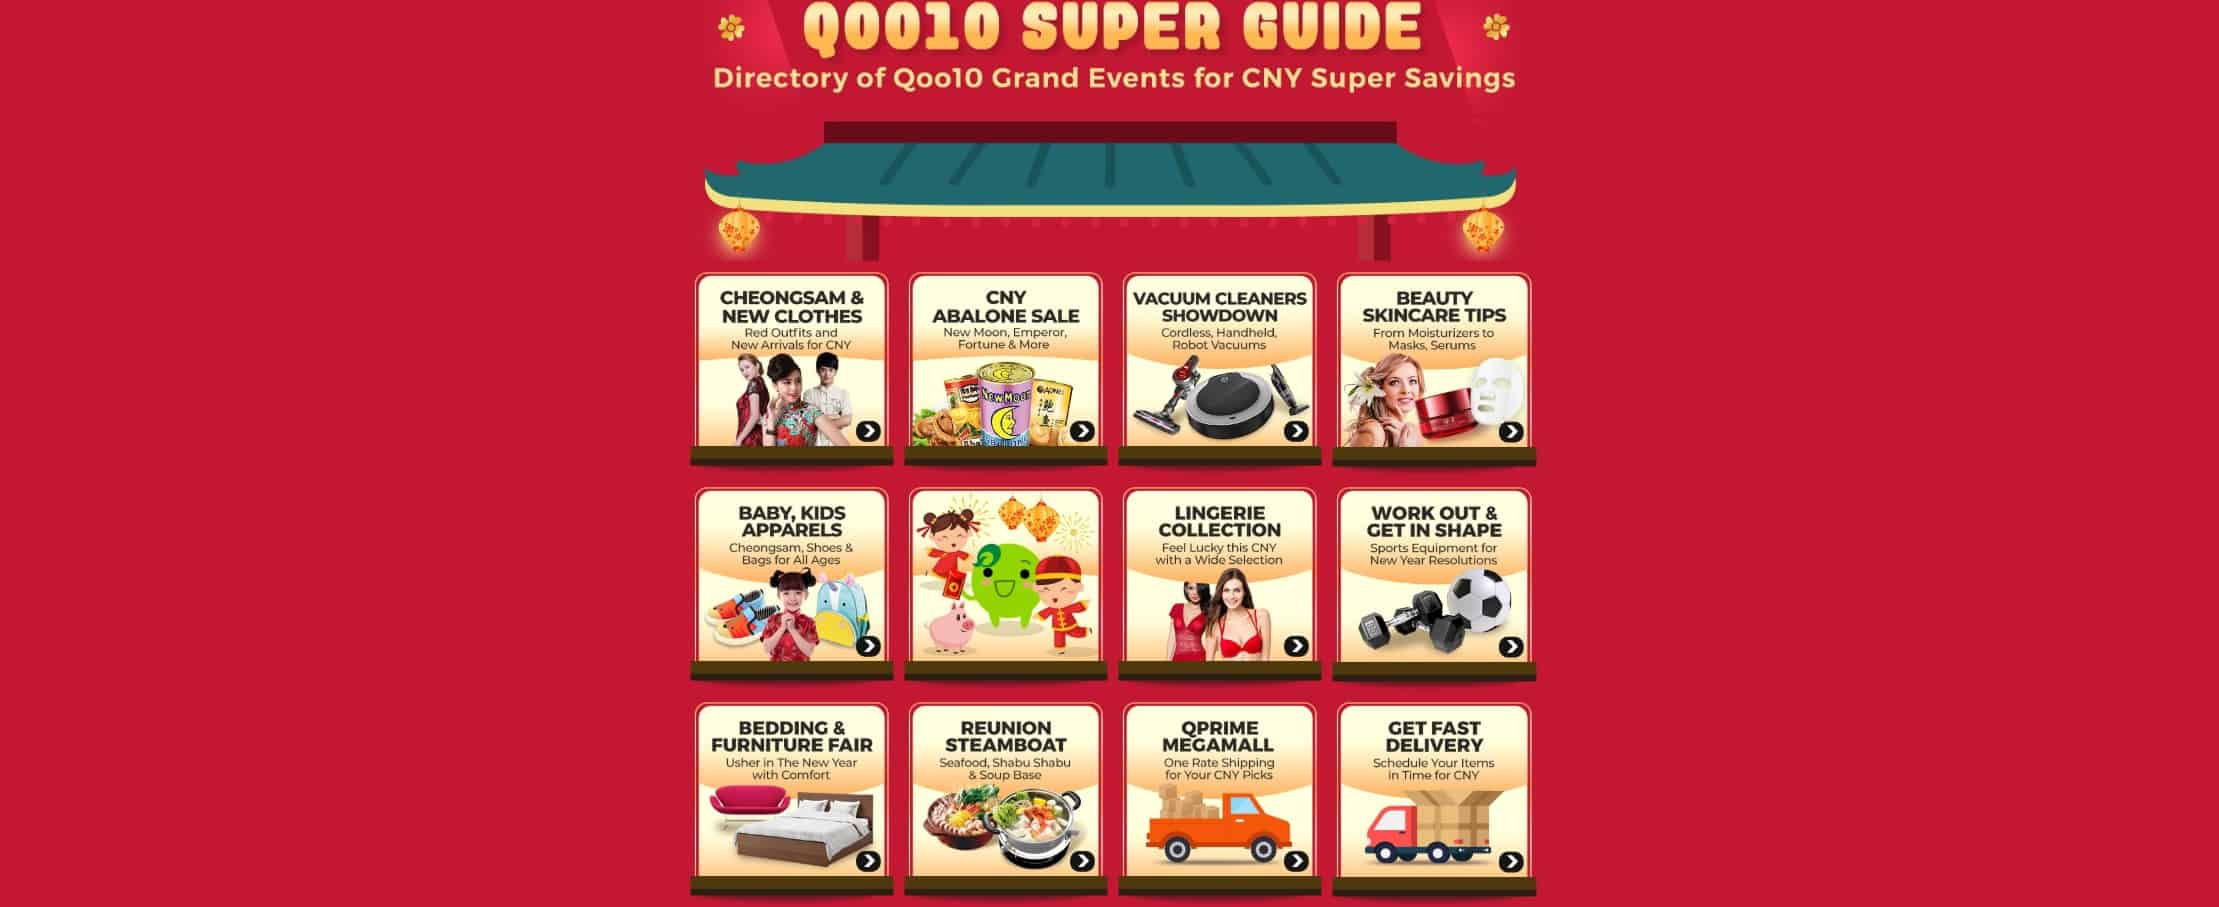 Qoo10 CNY Cart Coupon Sale